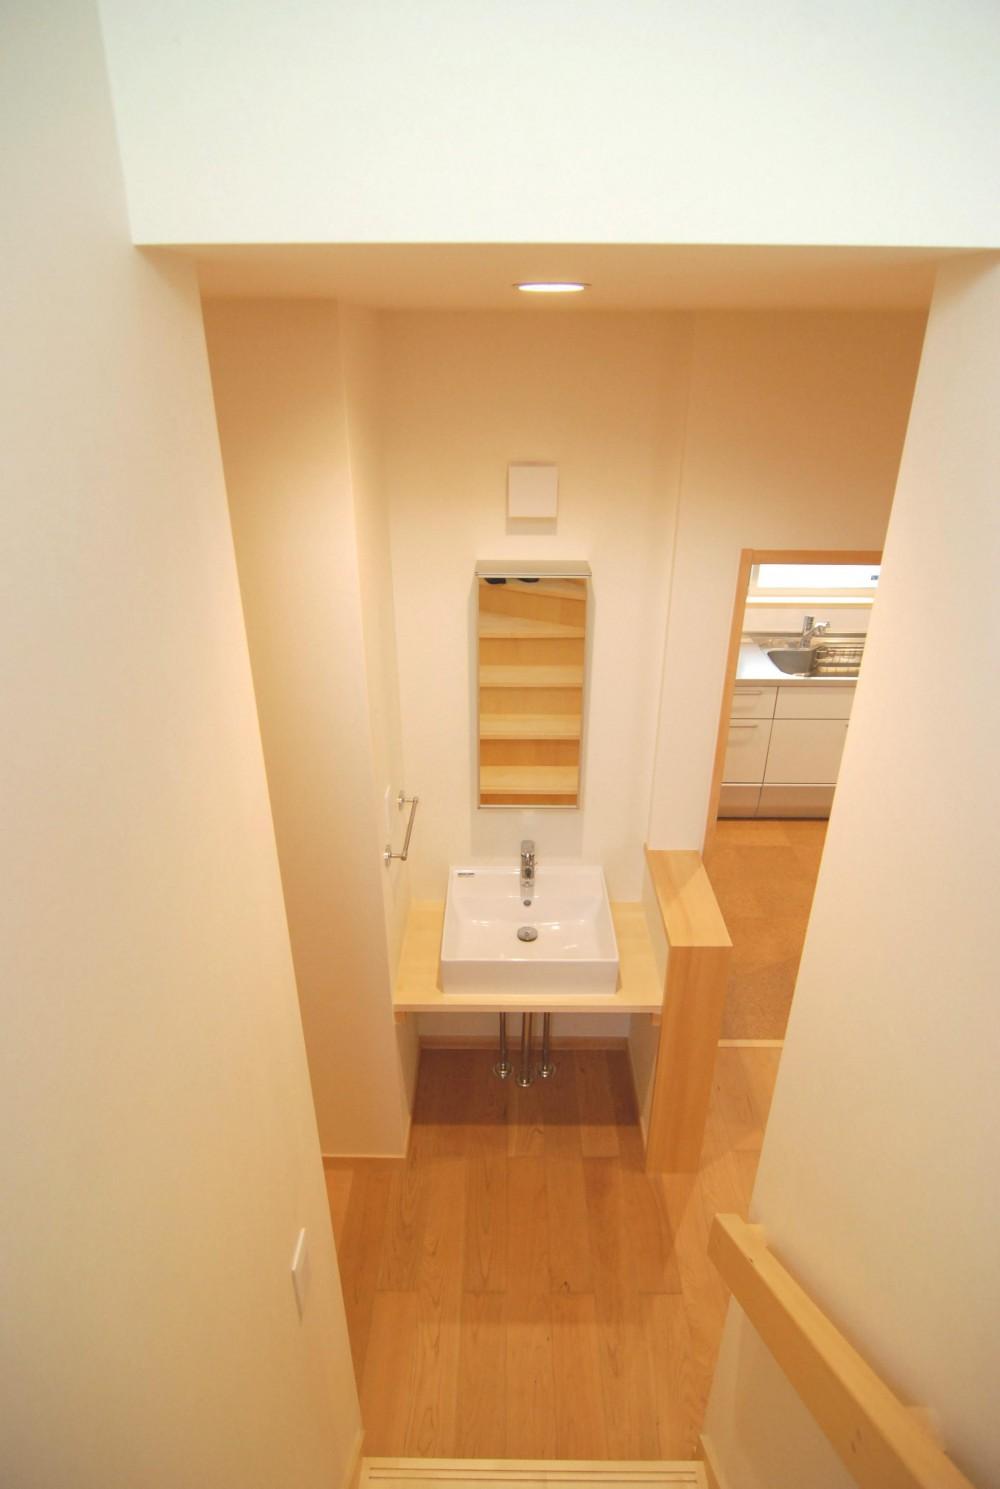 親家の隣に建つ住まい~建築家紹介サイトでの出会い~ (ローカにある手洗い)